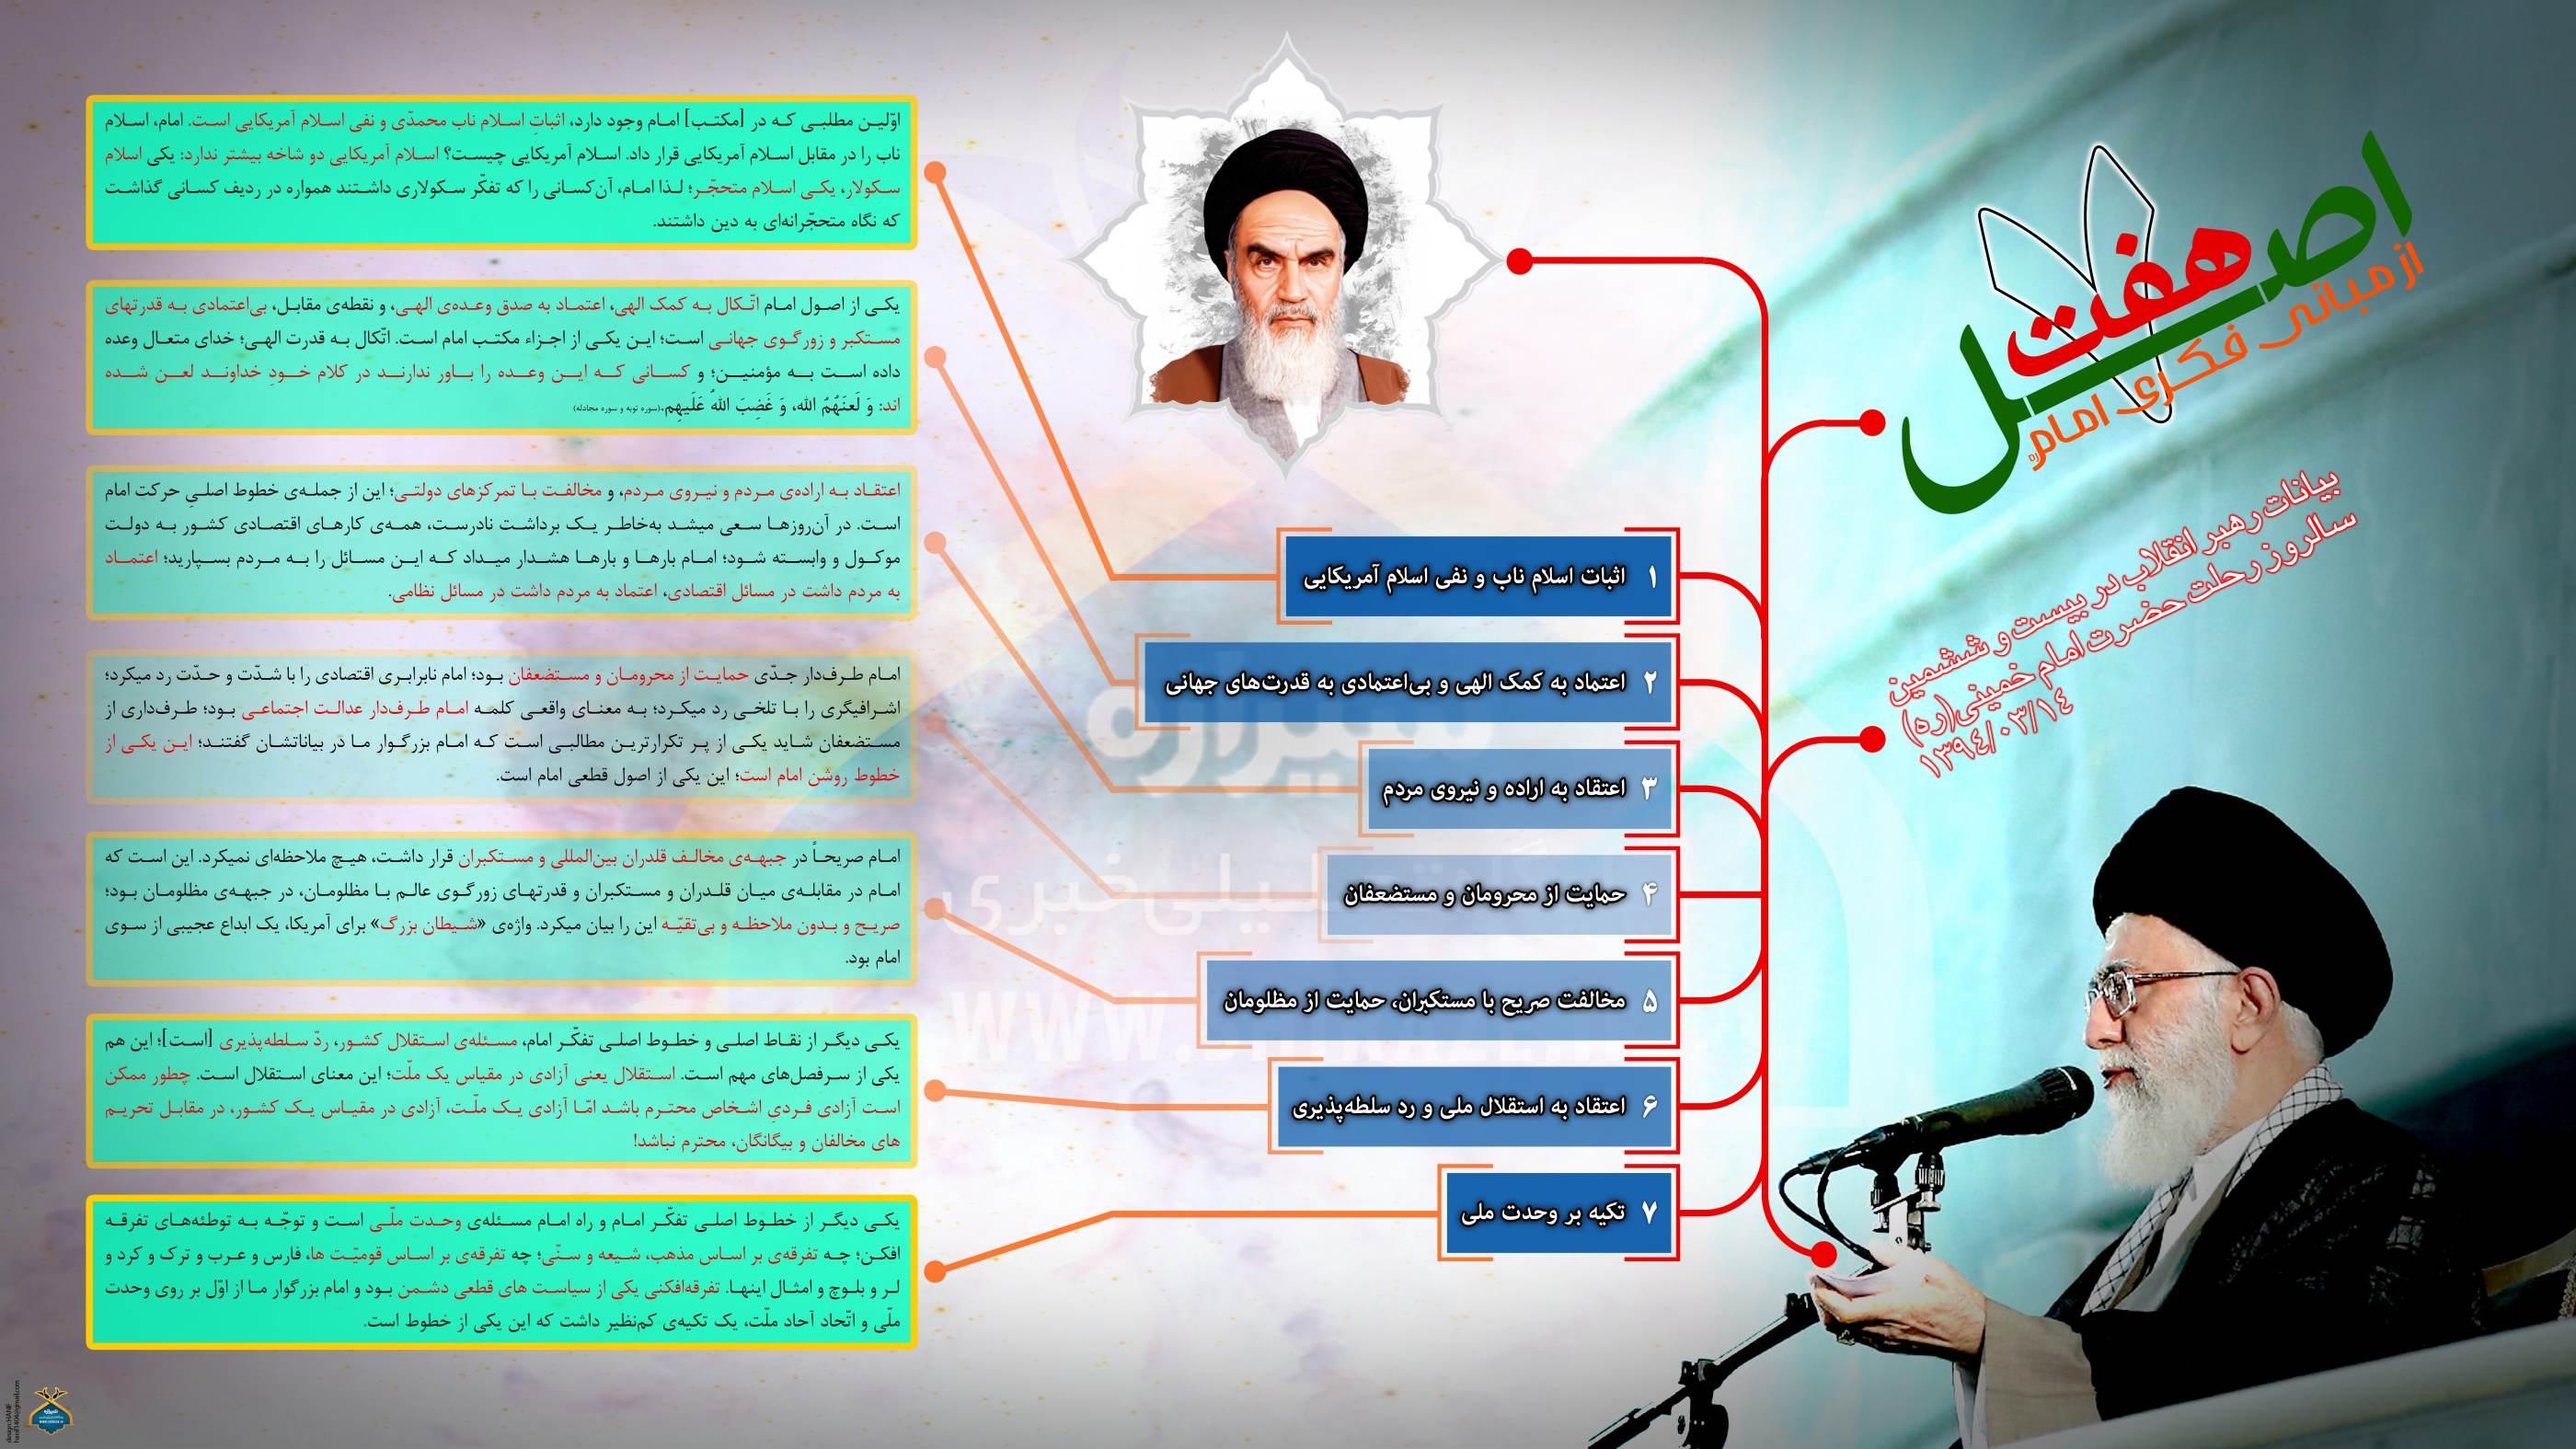 هفت اصل از مبانی فکری امام